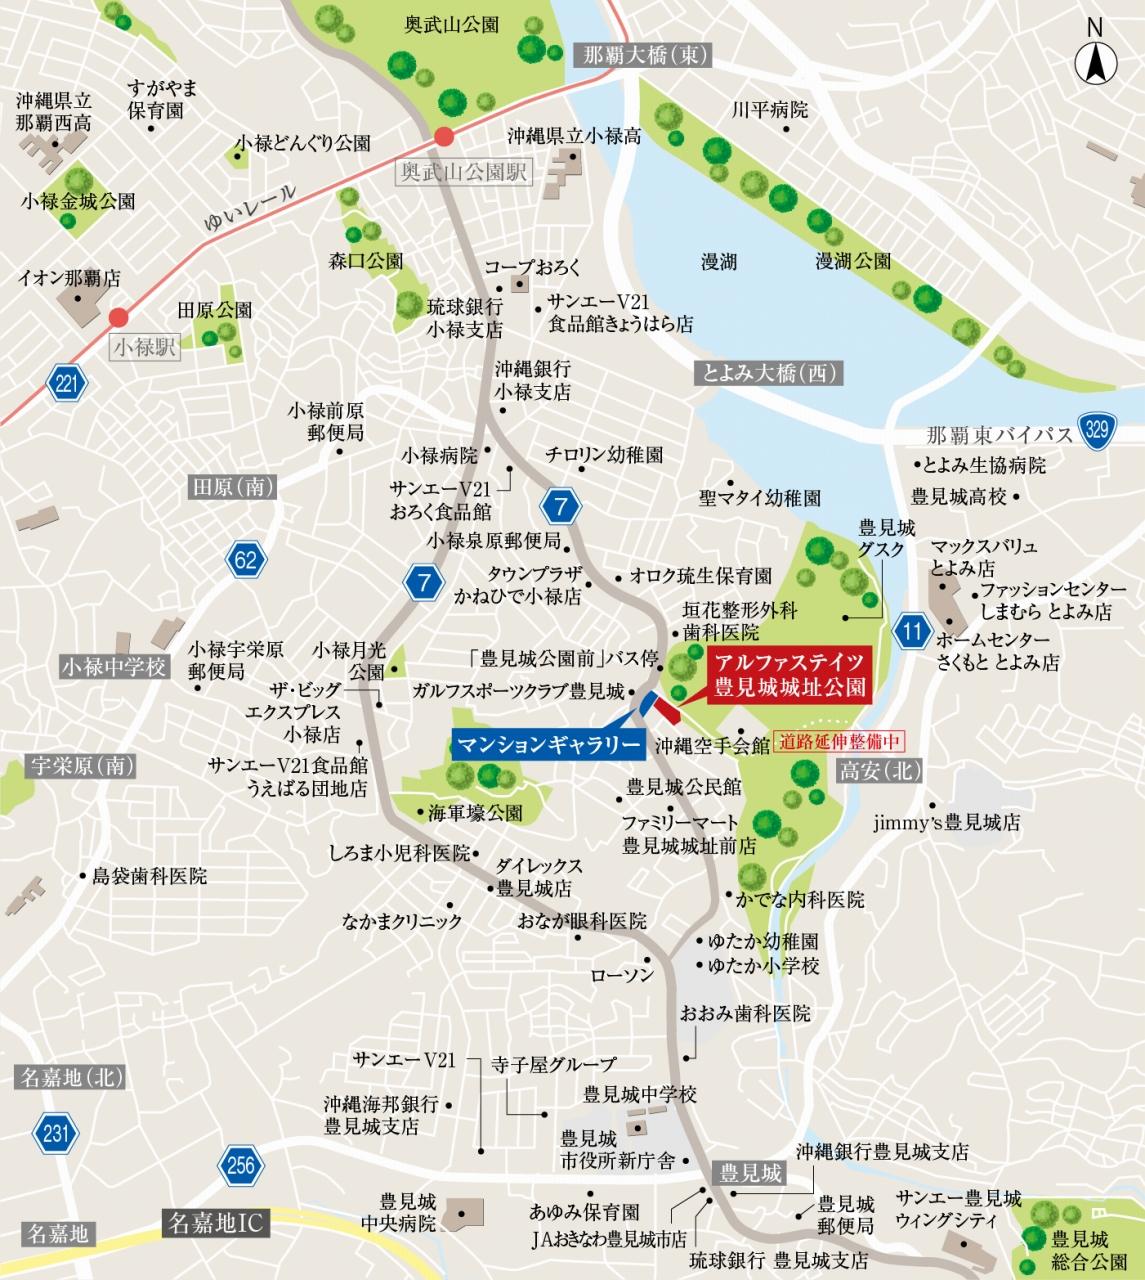 アルファステイツ豊見城城址公園:モデルルーム地図